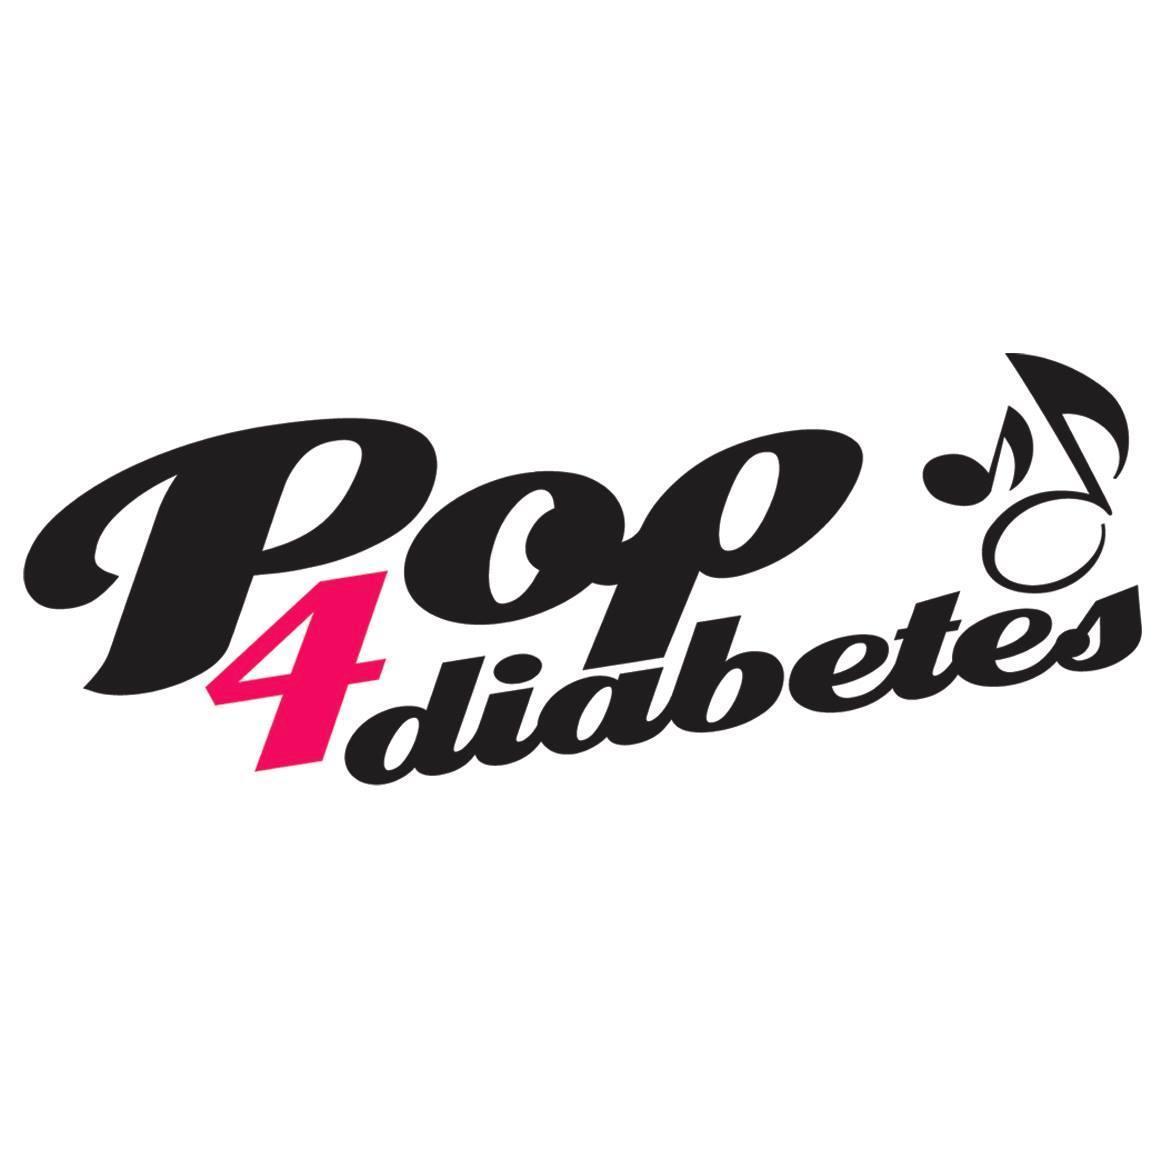 Pop4diabetes.jpeg